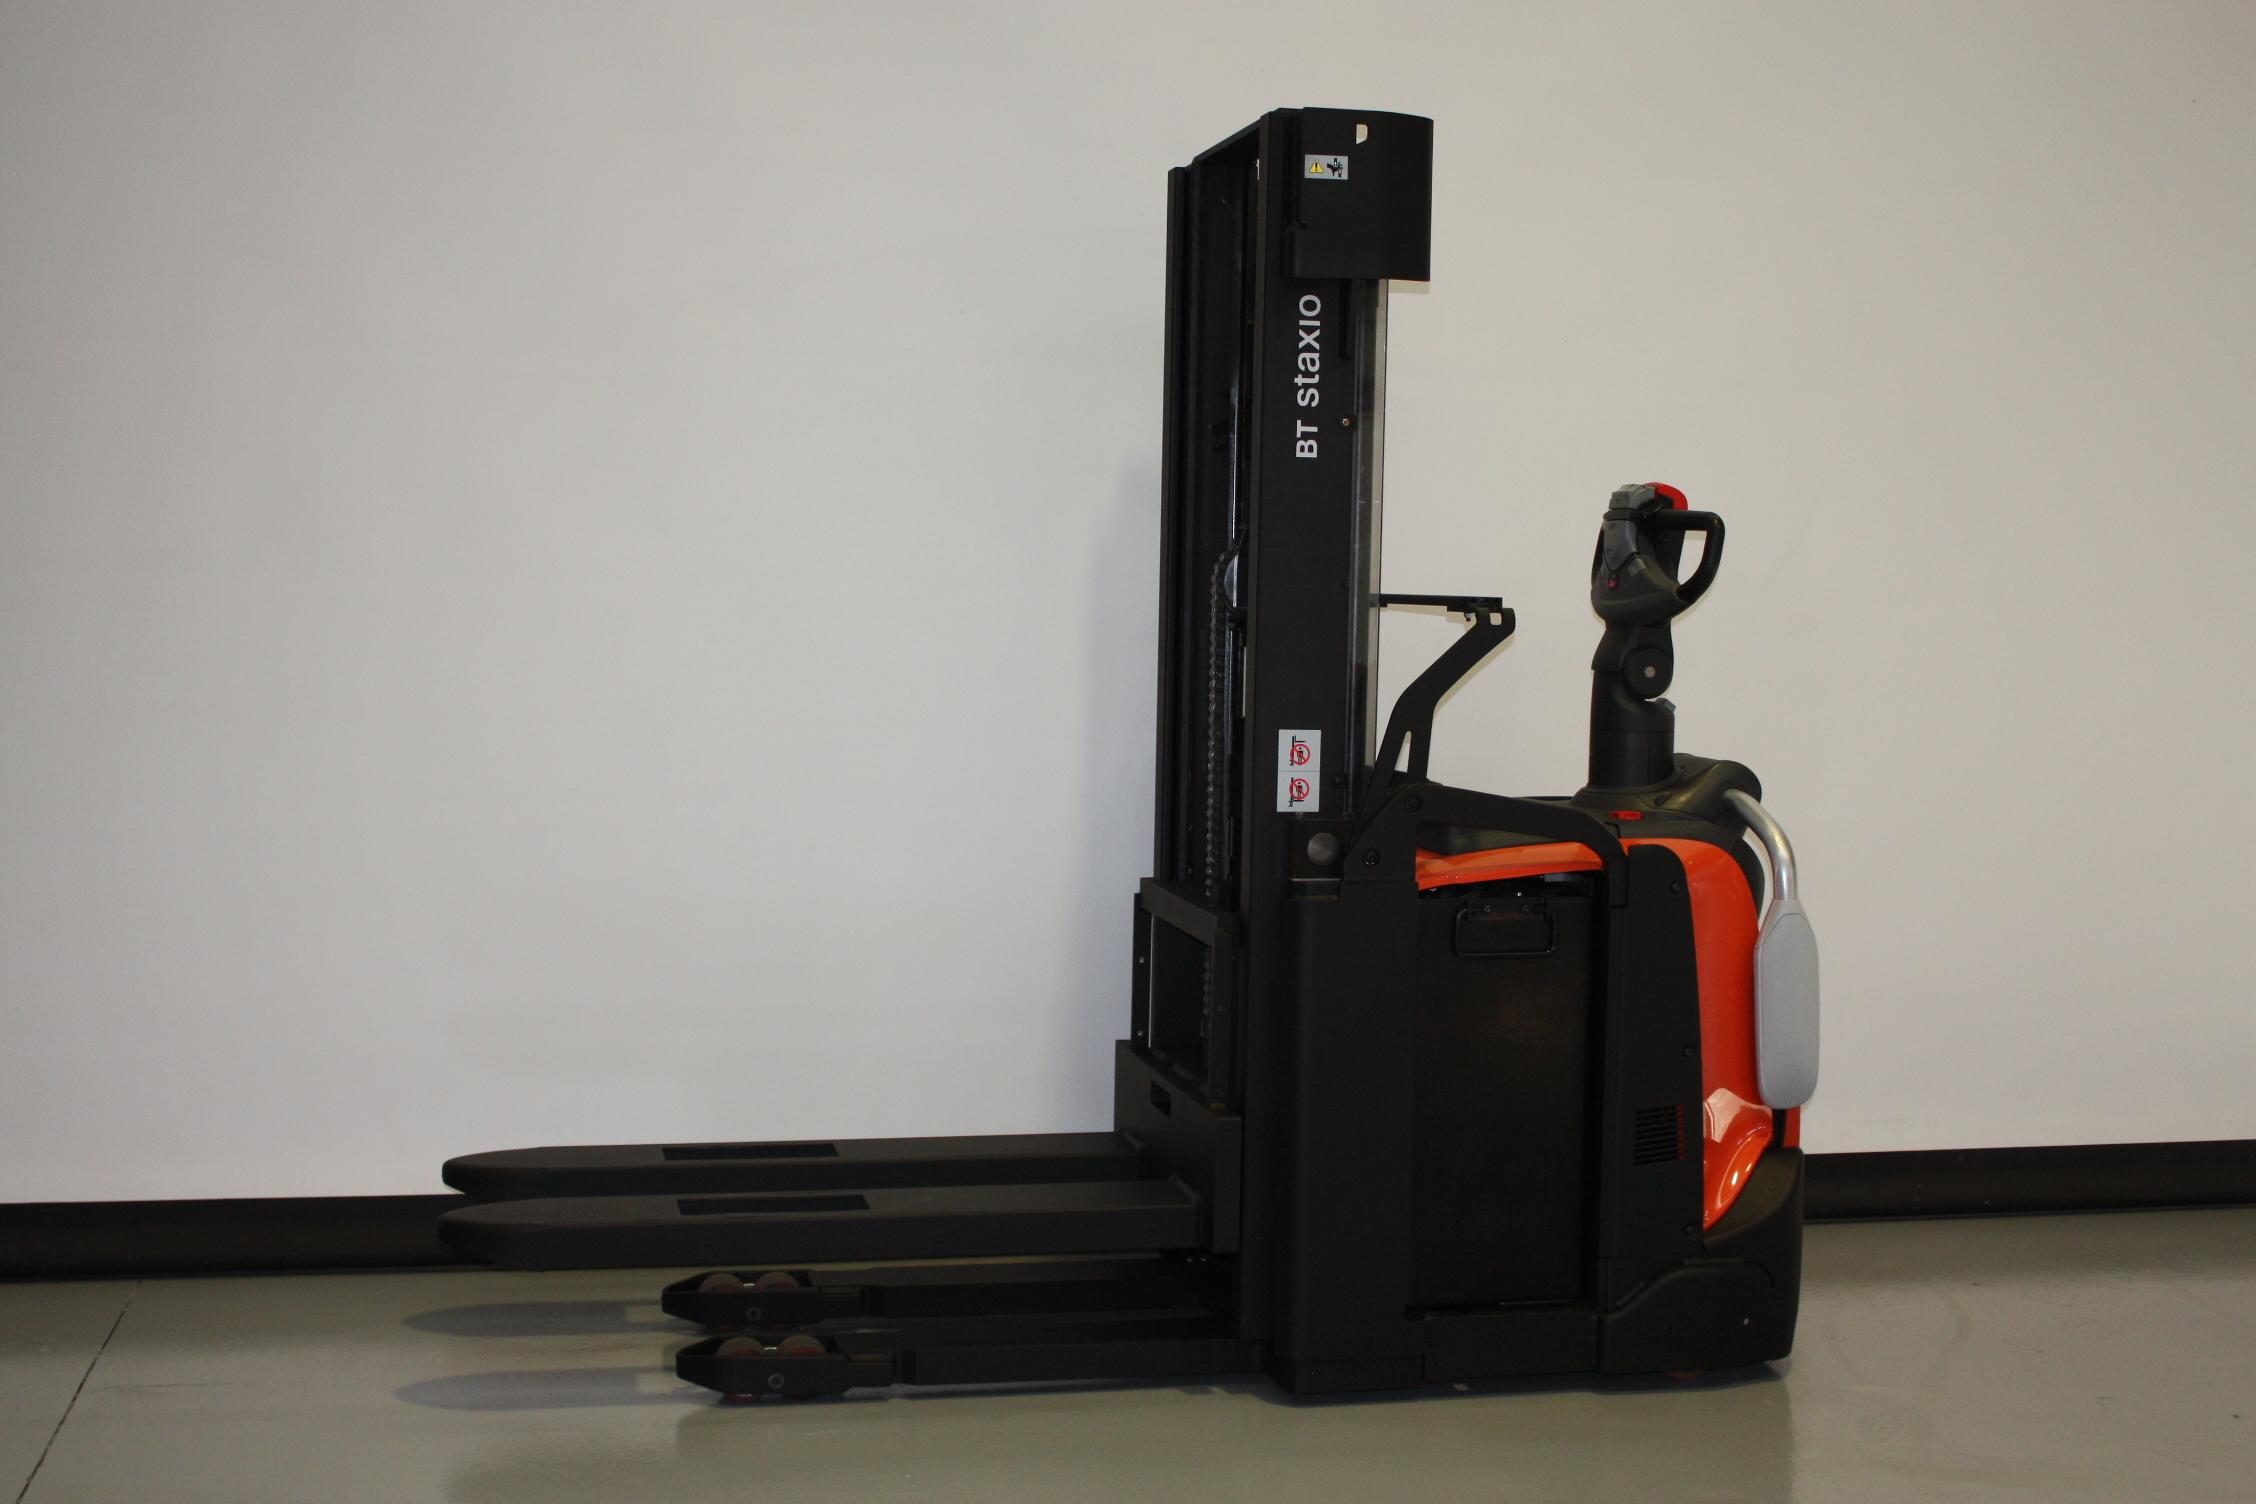 Toyota-Gabelstapler-59840 1711030878 1 47